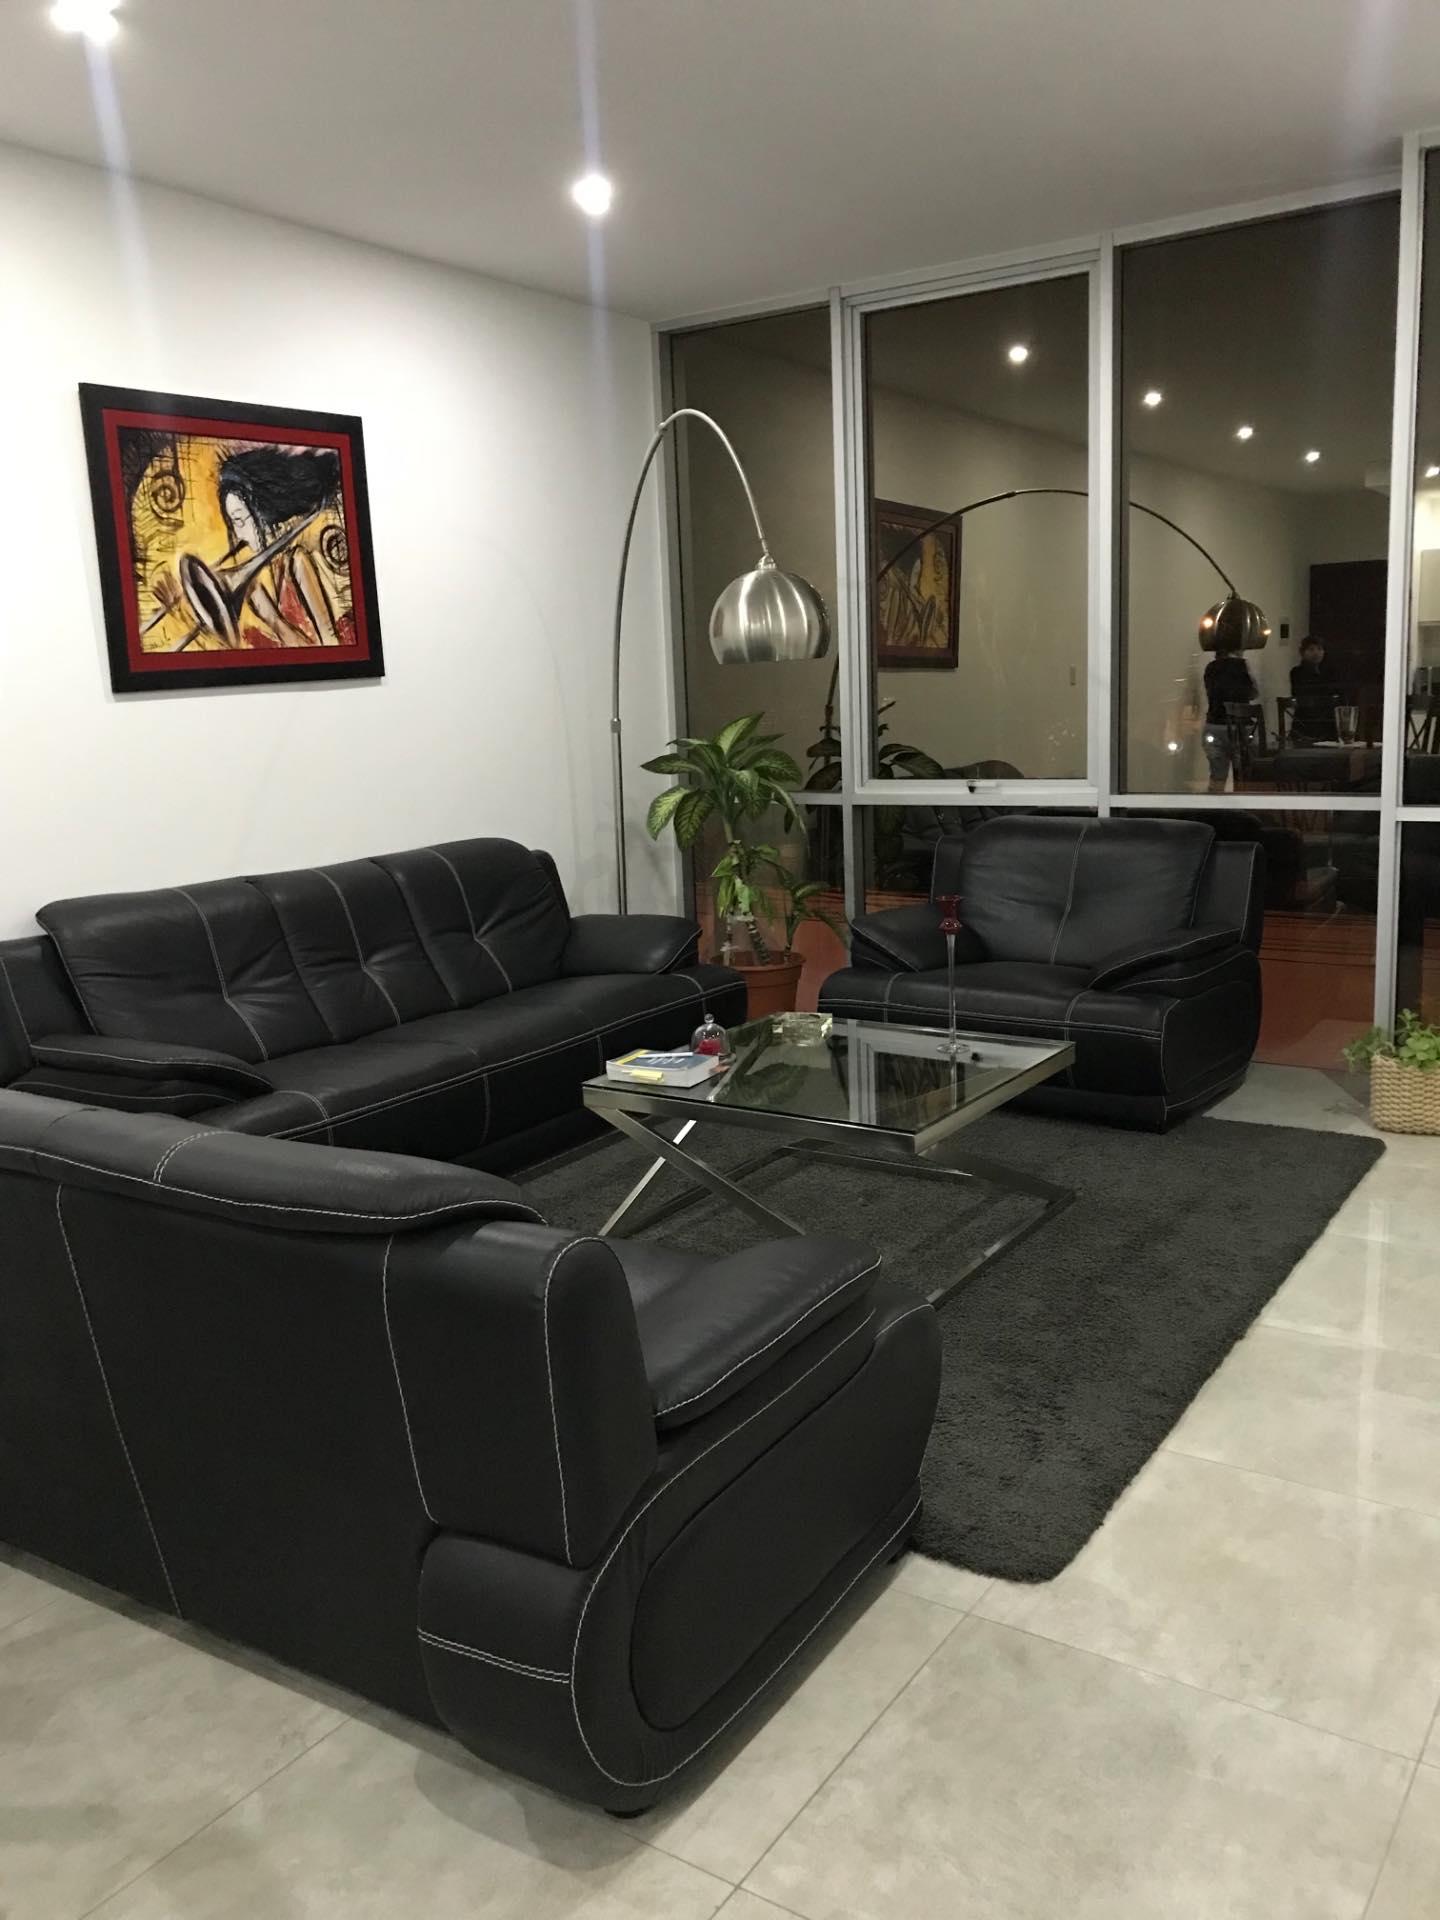 Departamento en Alquiler En exclusivo condominio zona Barrio Las Palmas  Foto 9